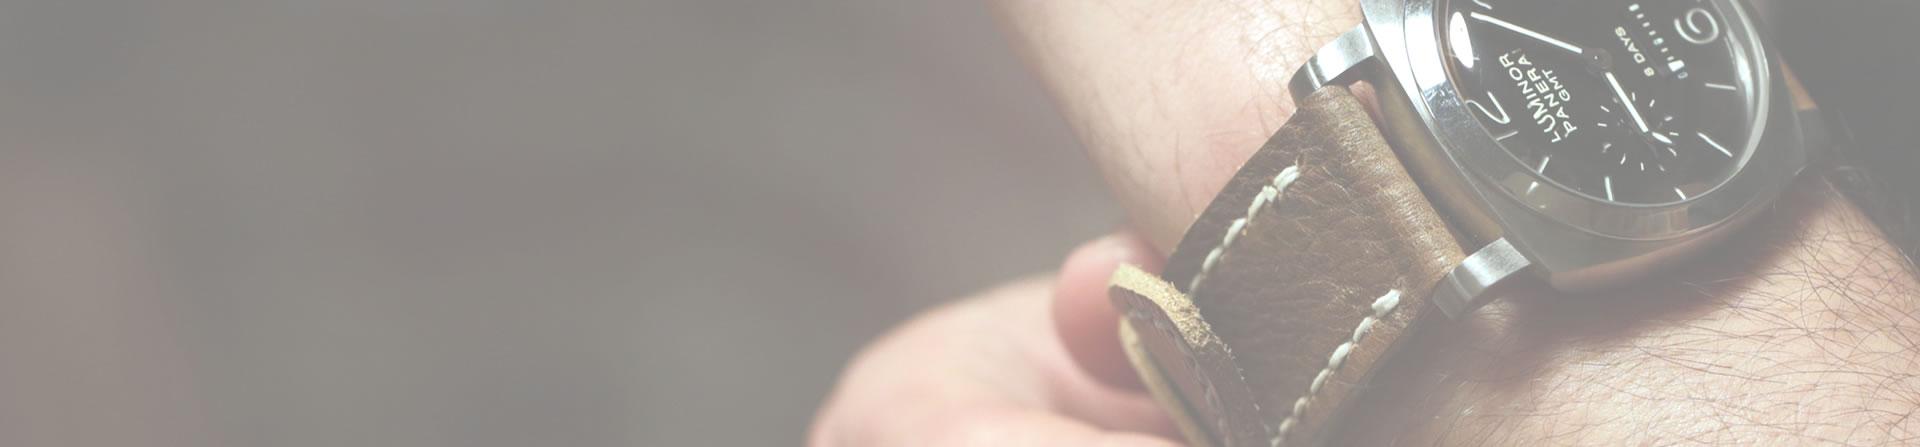 vintage-watch-straps-banner.jpg